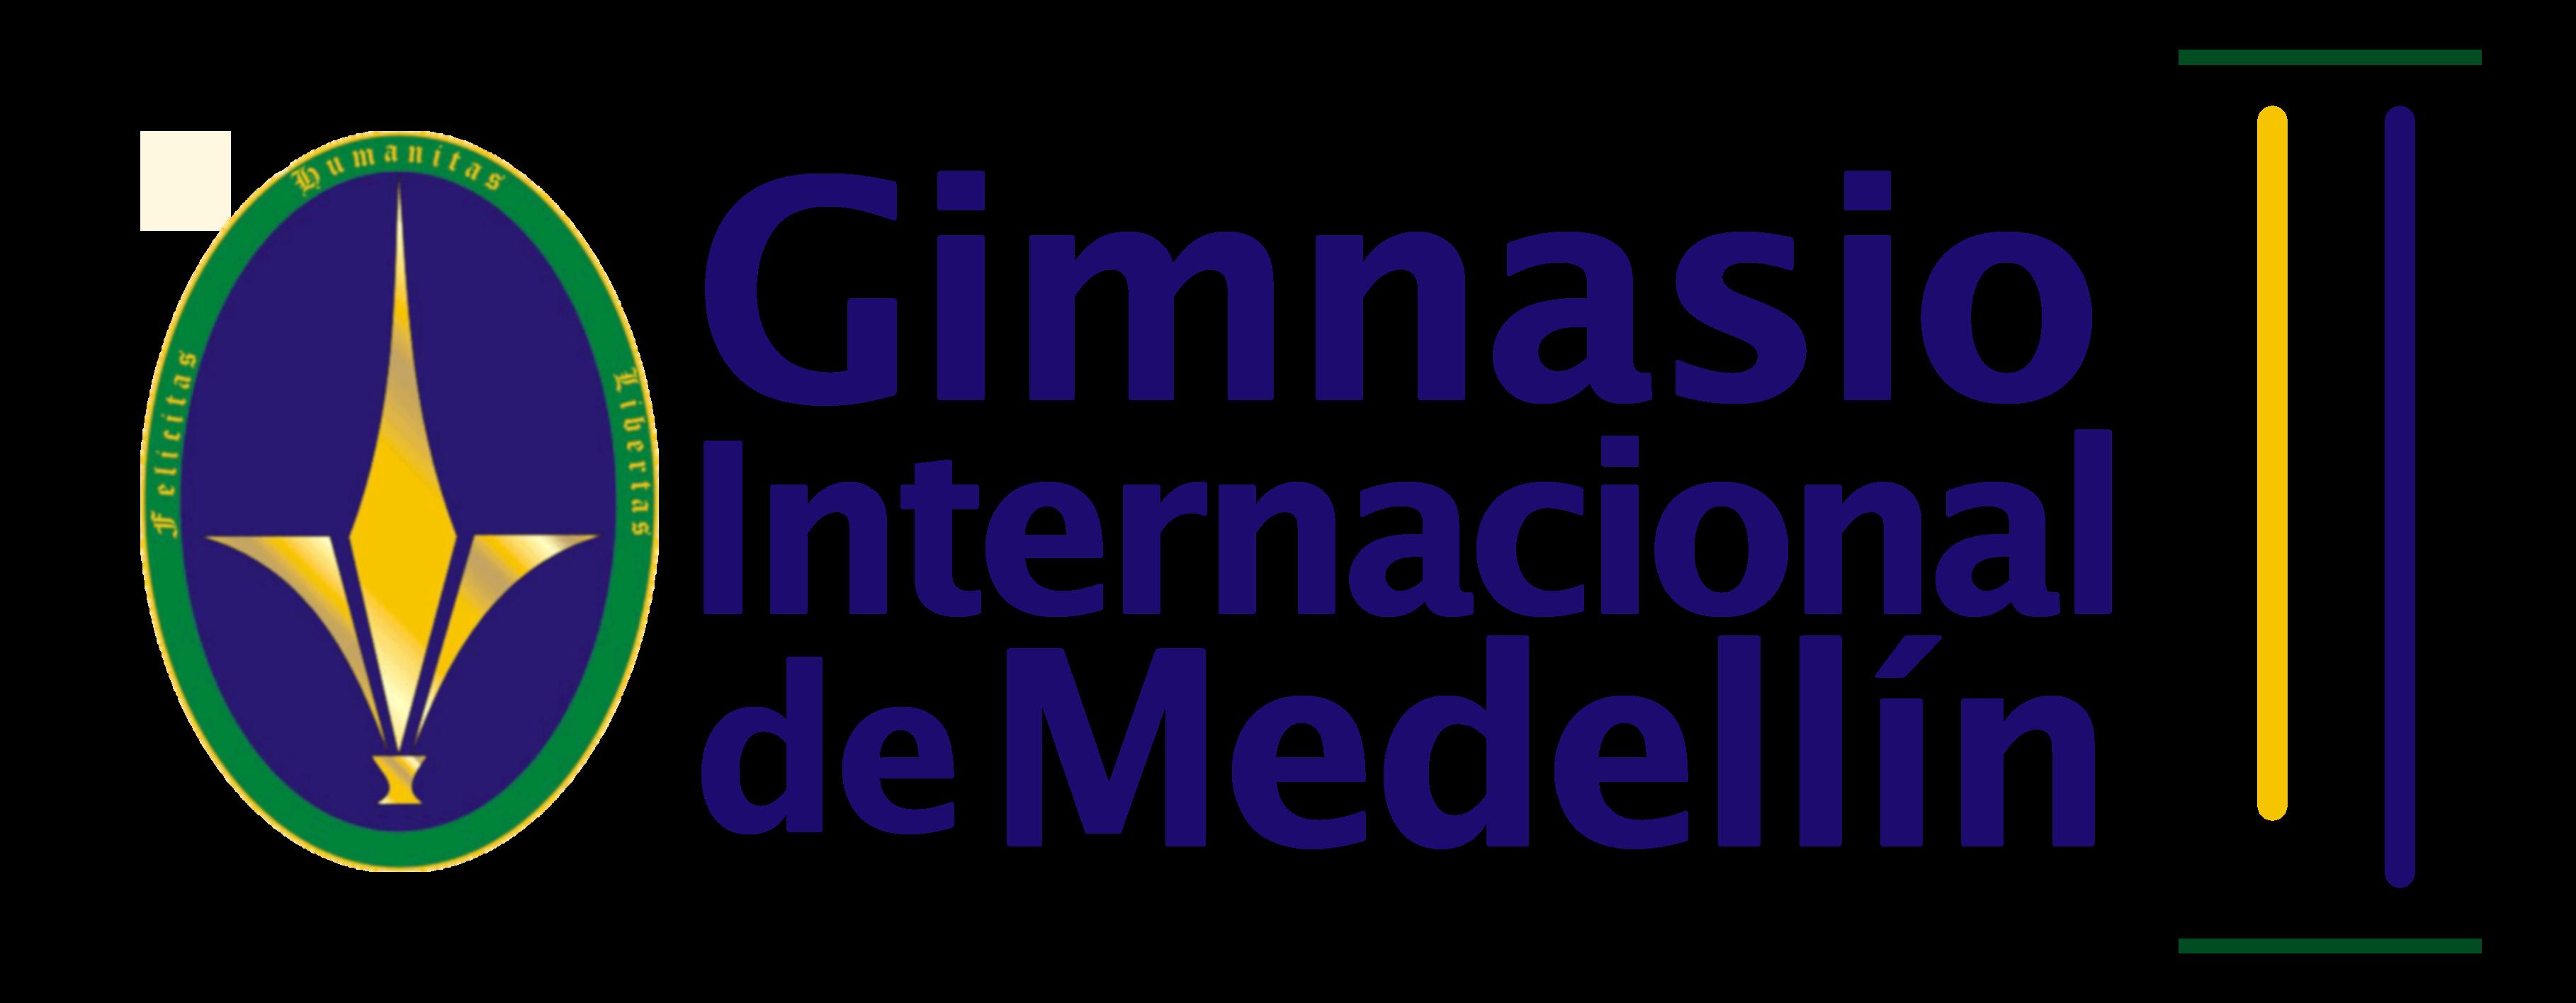 Gimnasio Internacional de Medellín